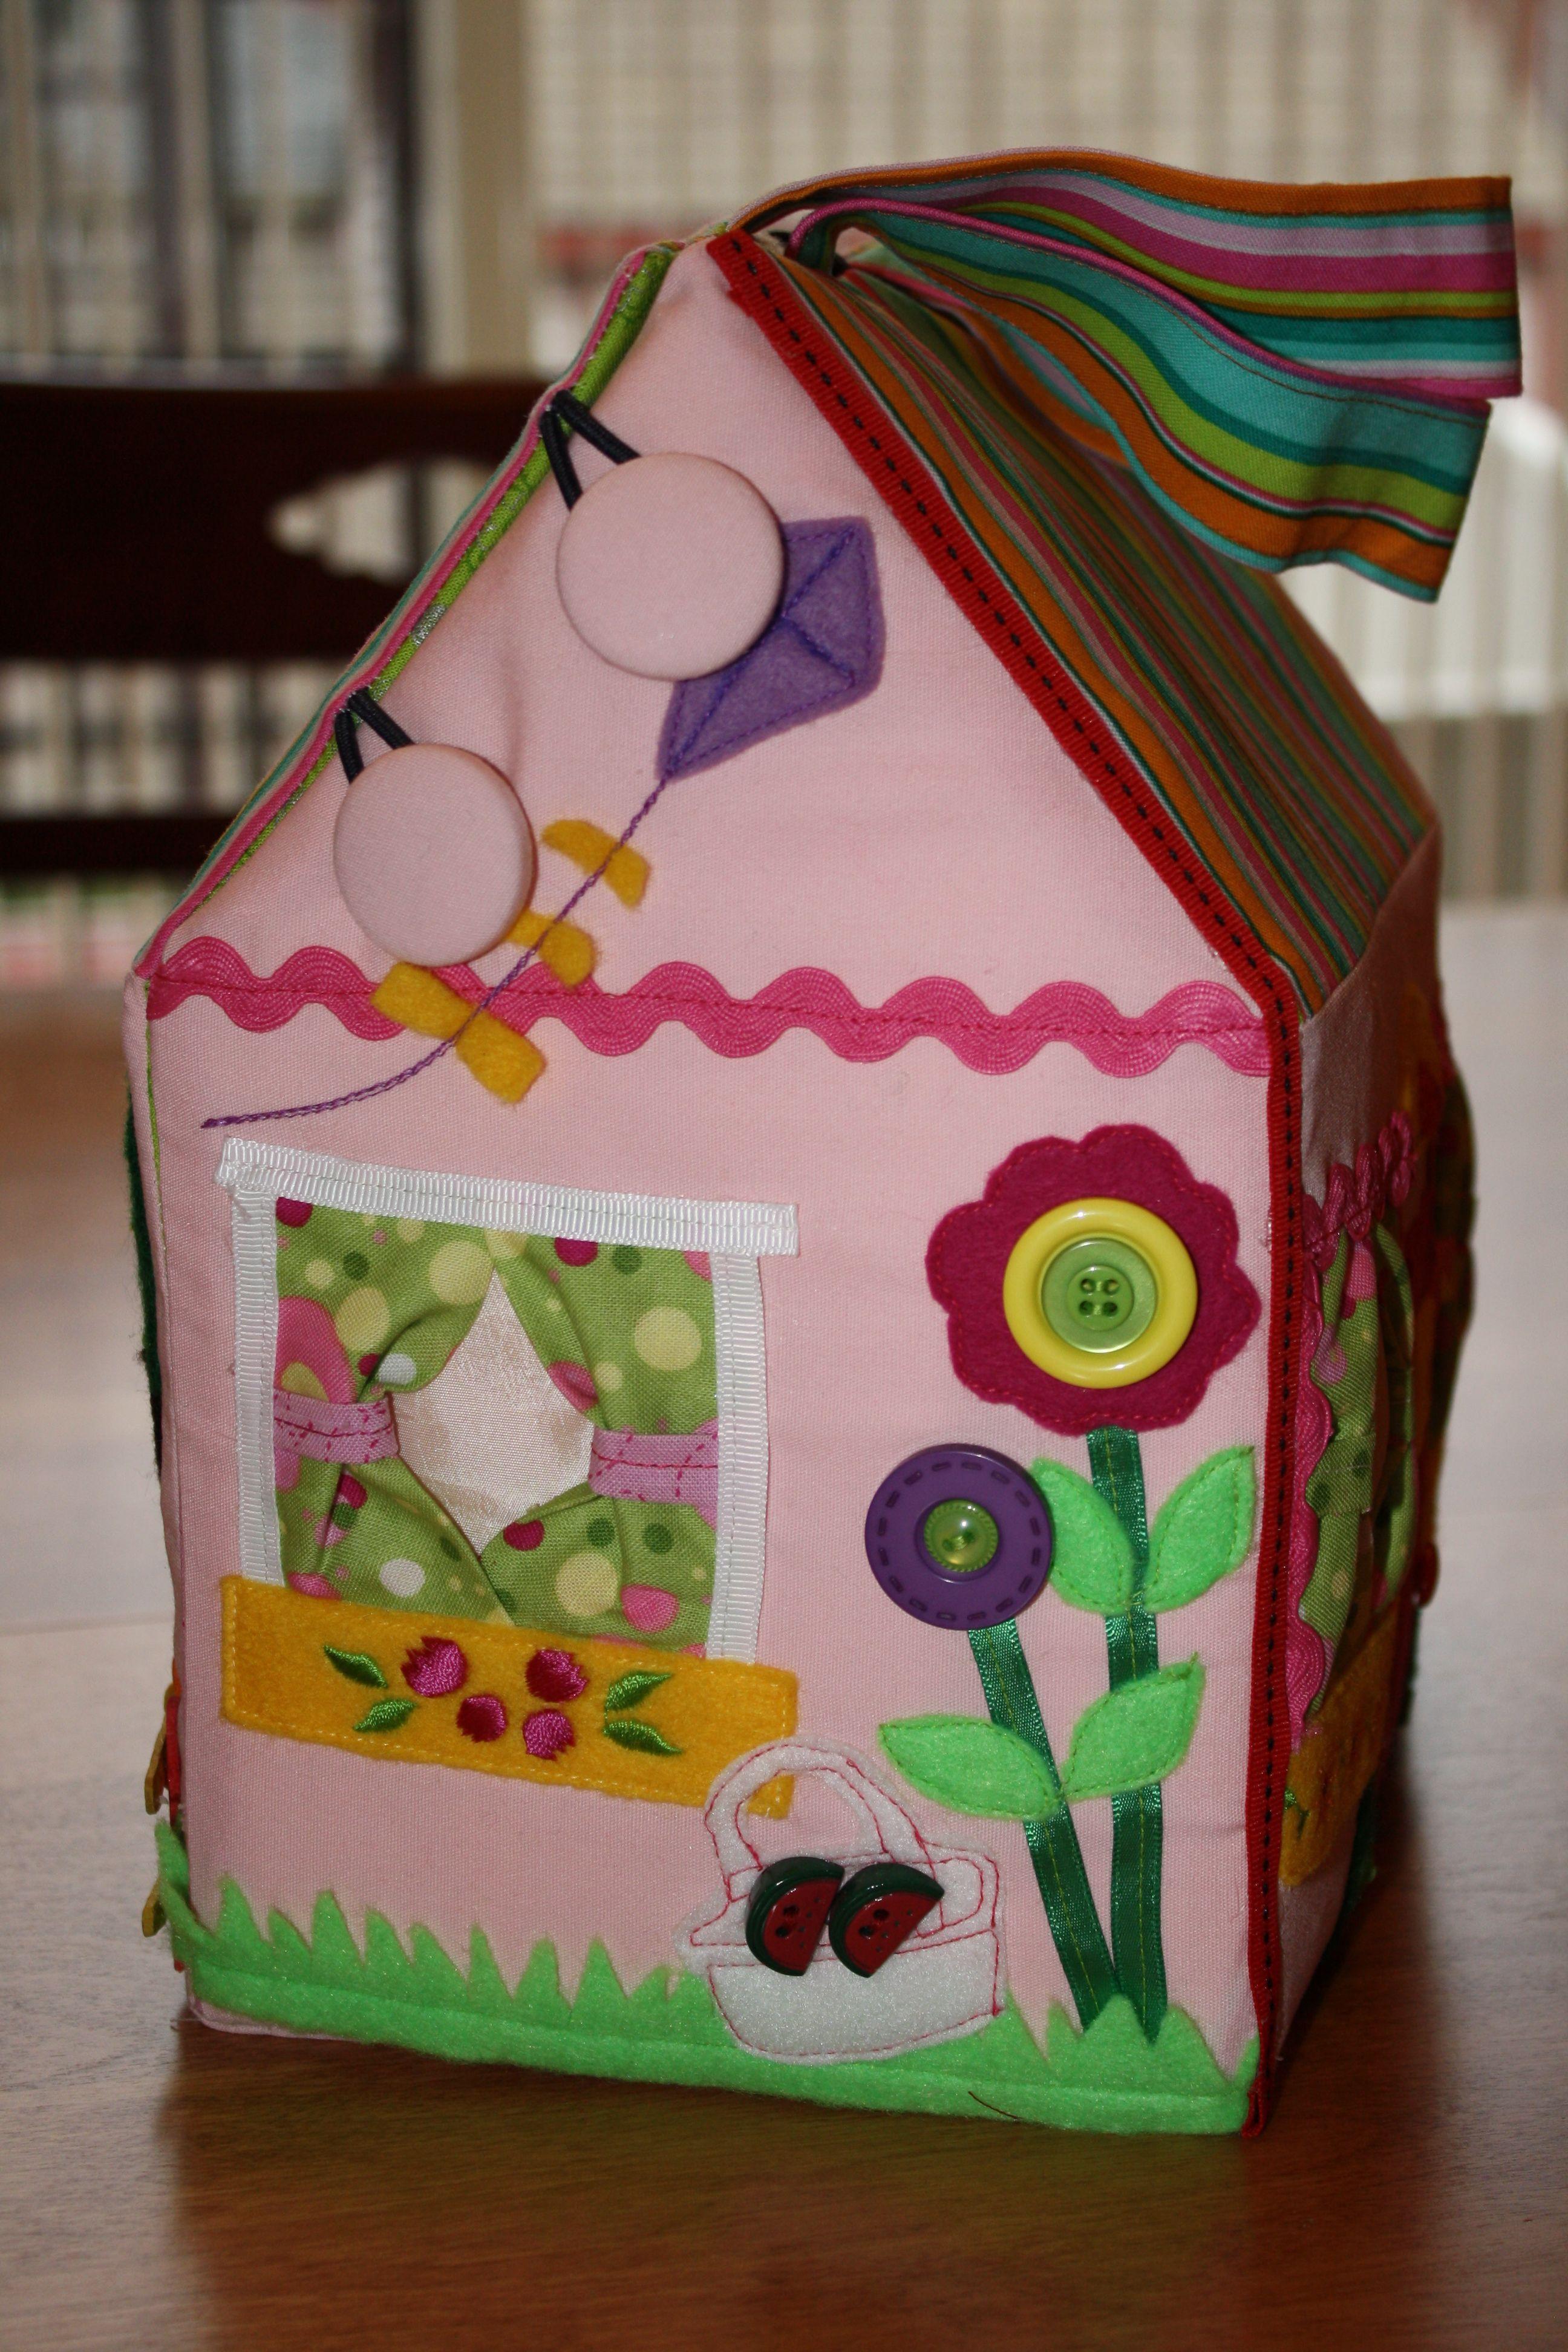 Maison de poupées-Handcrafted Toy Story Book